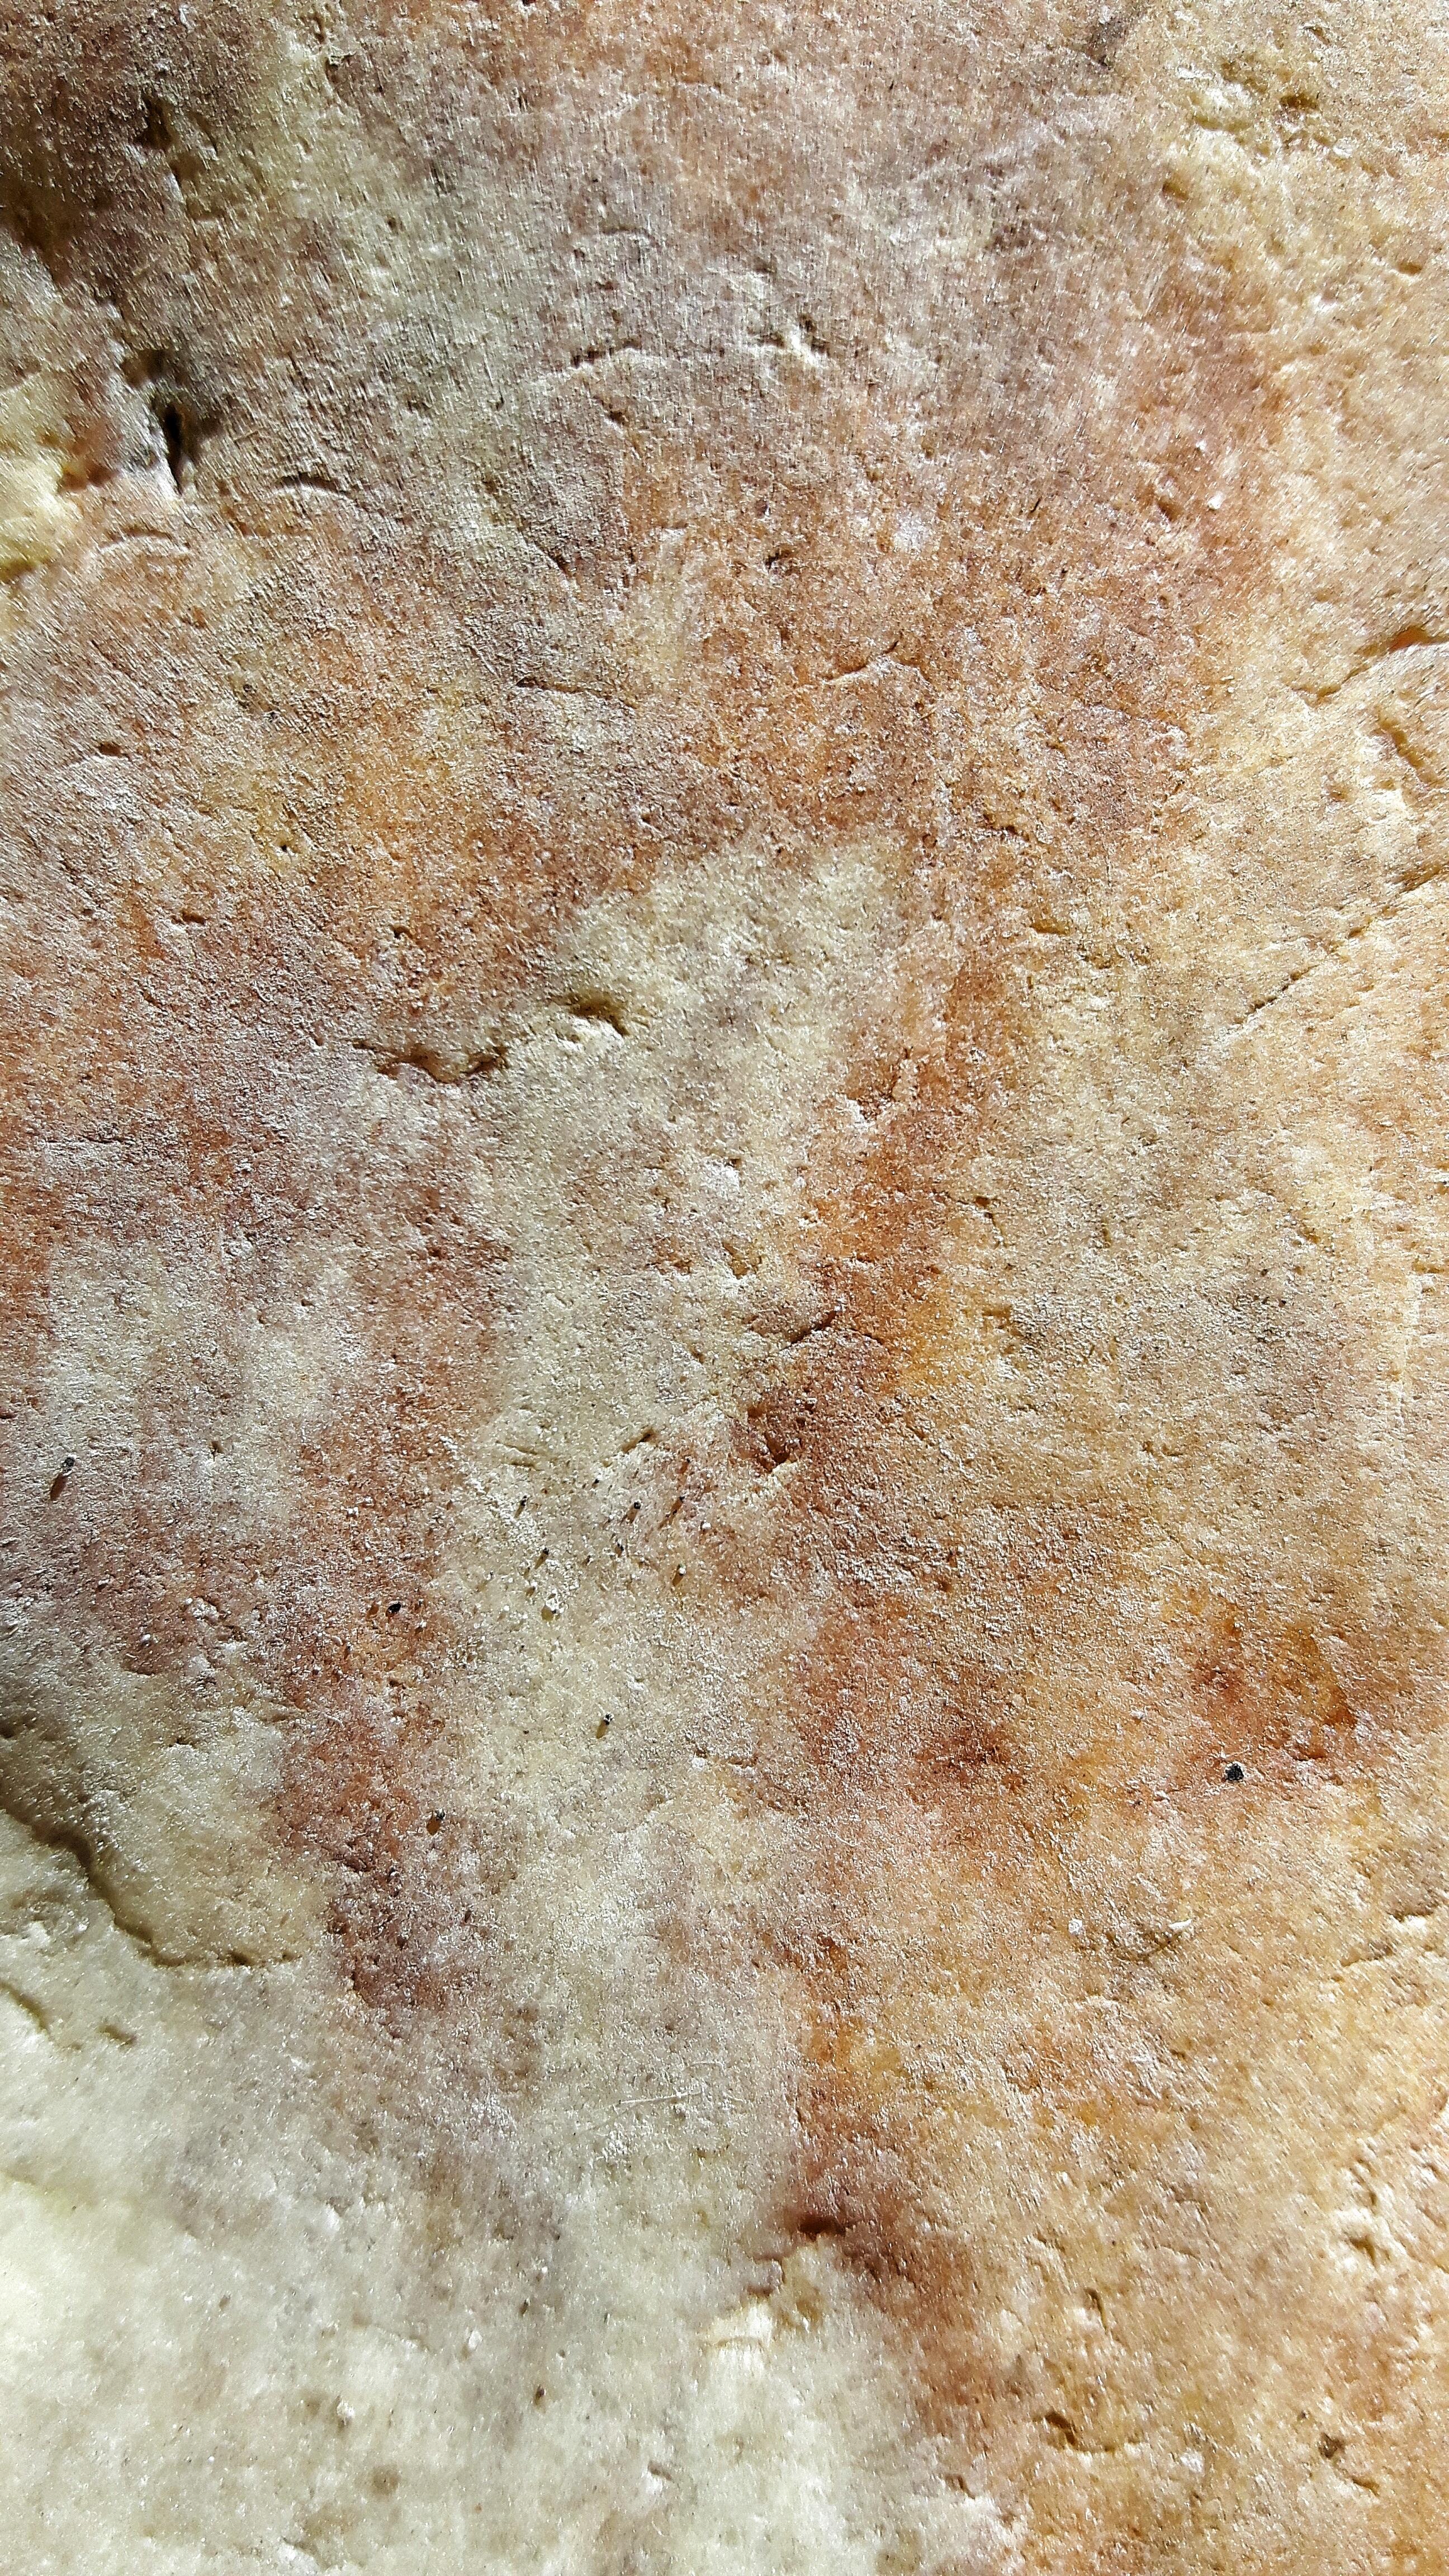 Fotos gratis : rock, textura, piso, pared, piedra, color, suelo ...